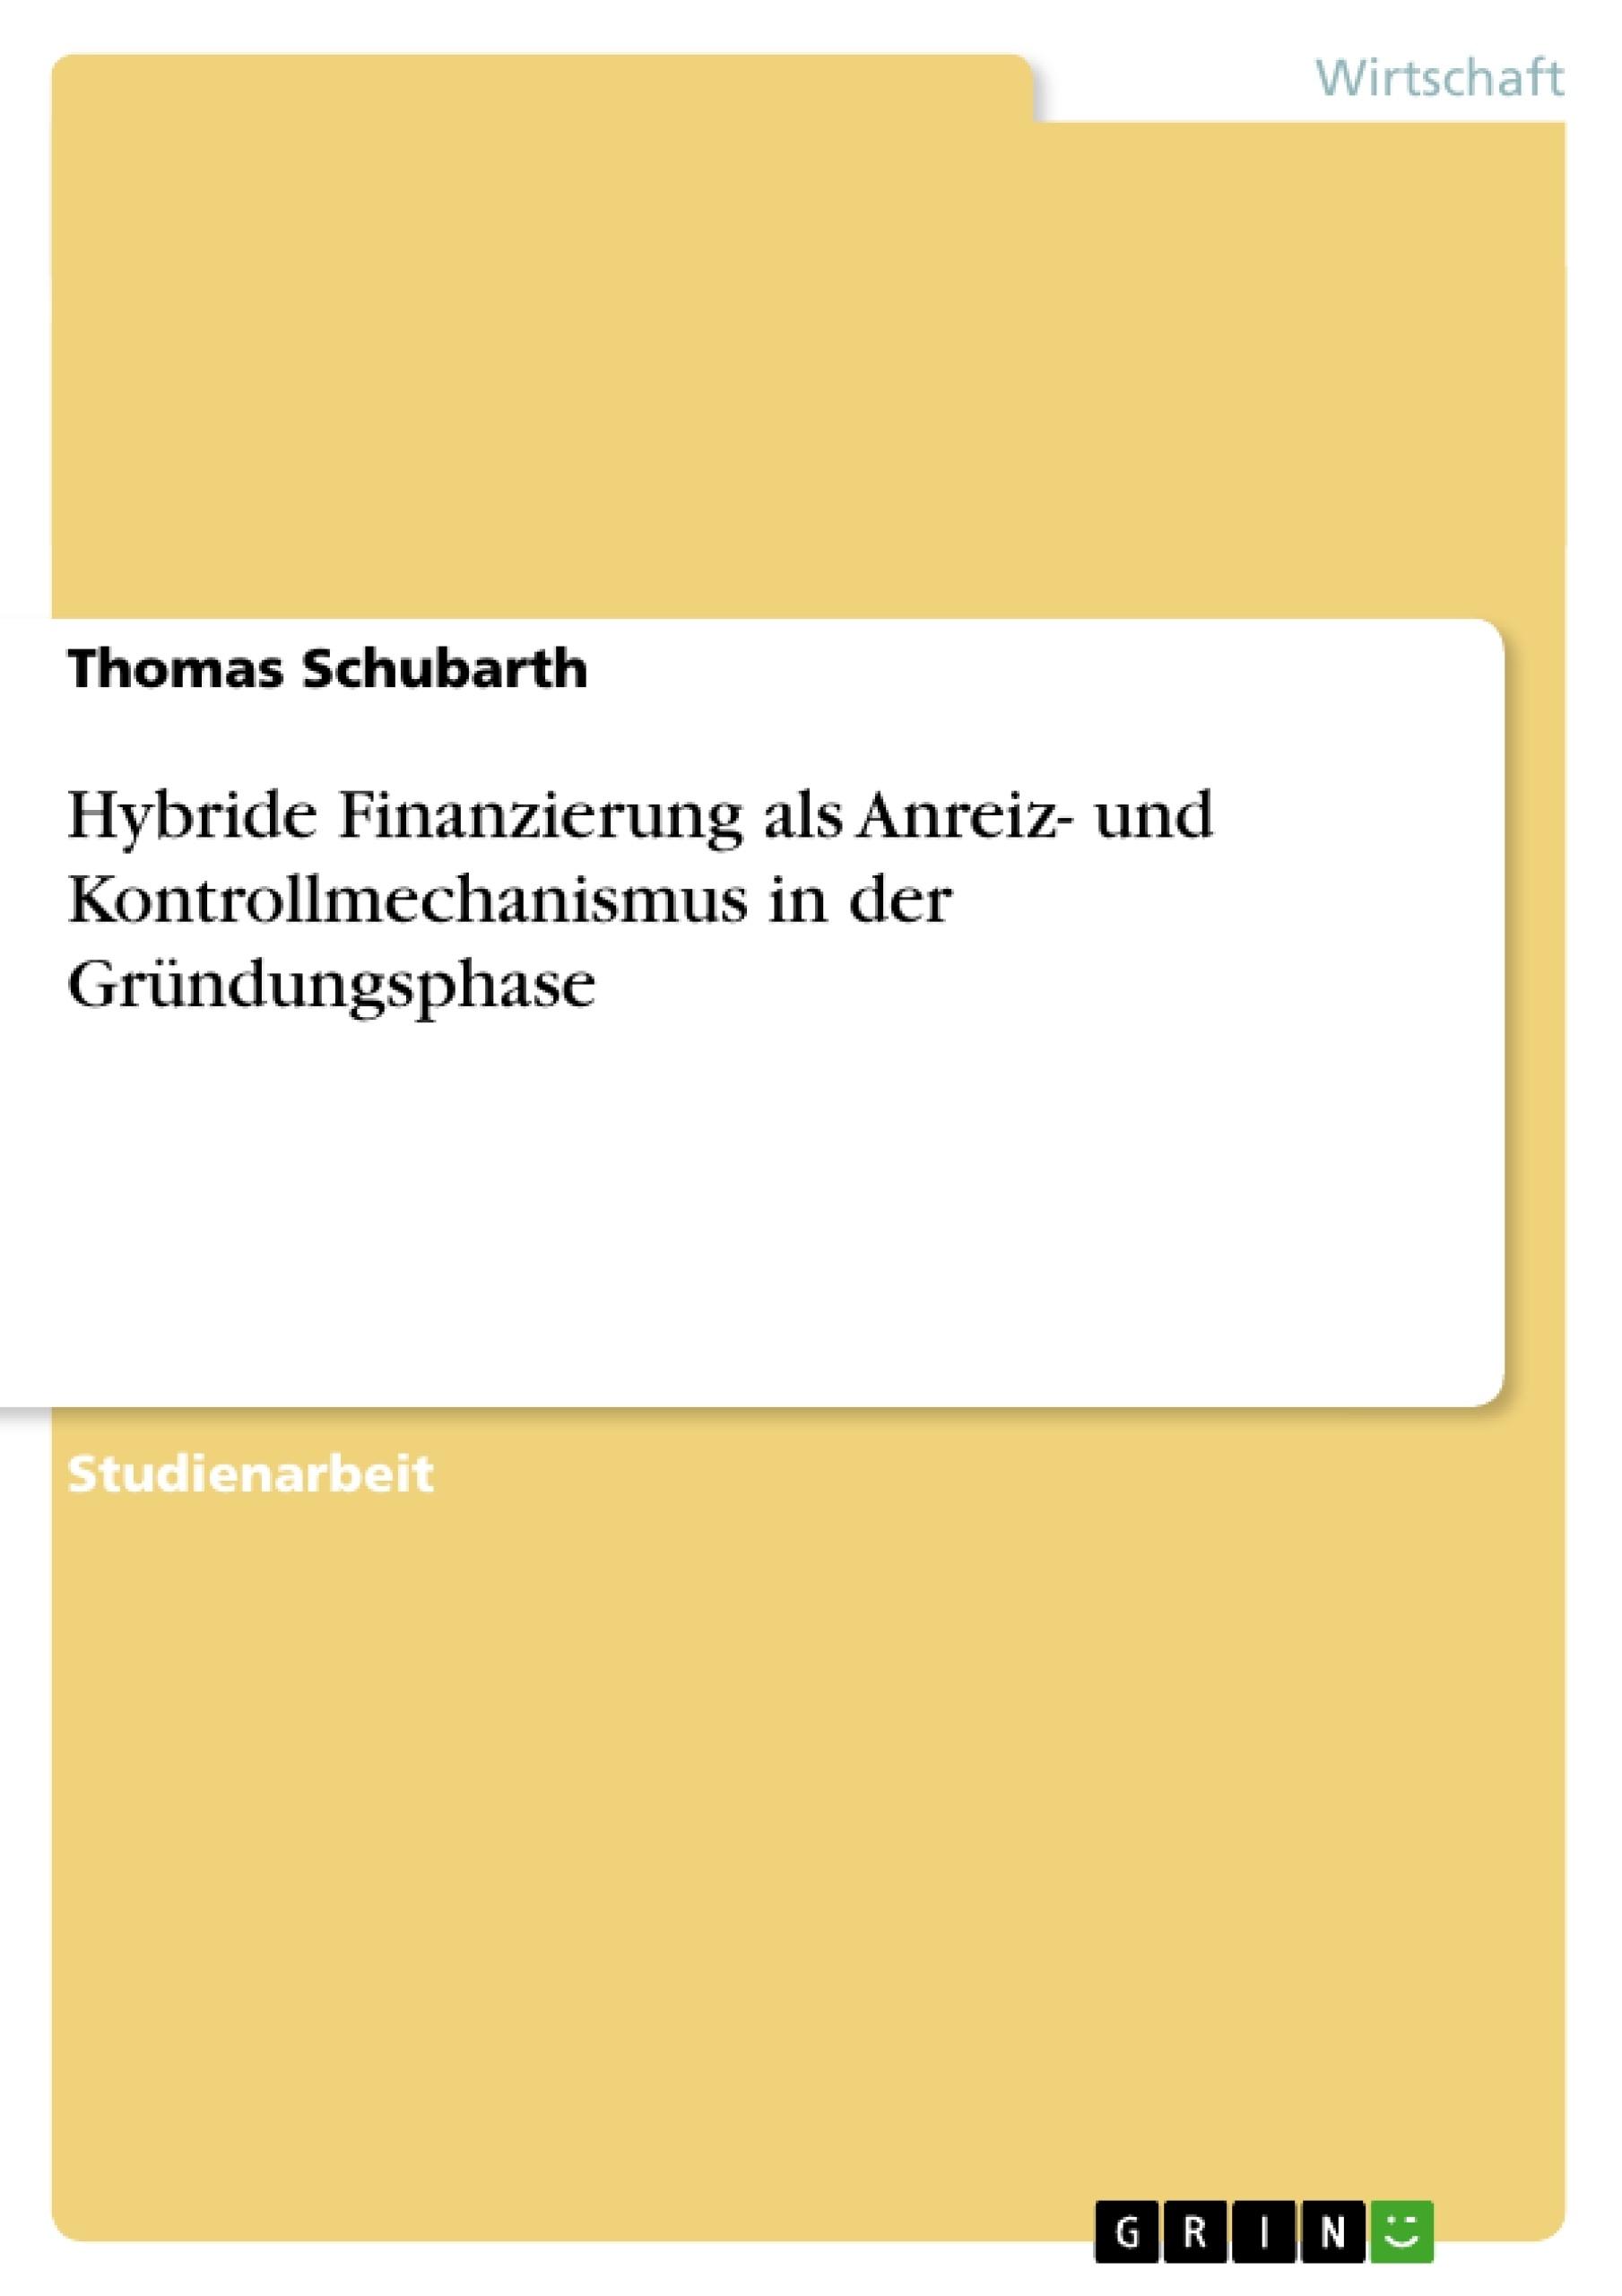 Titel: Hybride Finanzierung als Anreiz- und Kontrollmechanismus in der Gründungsphase